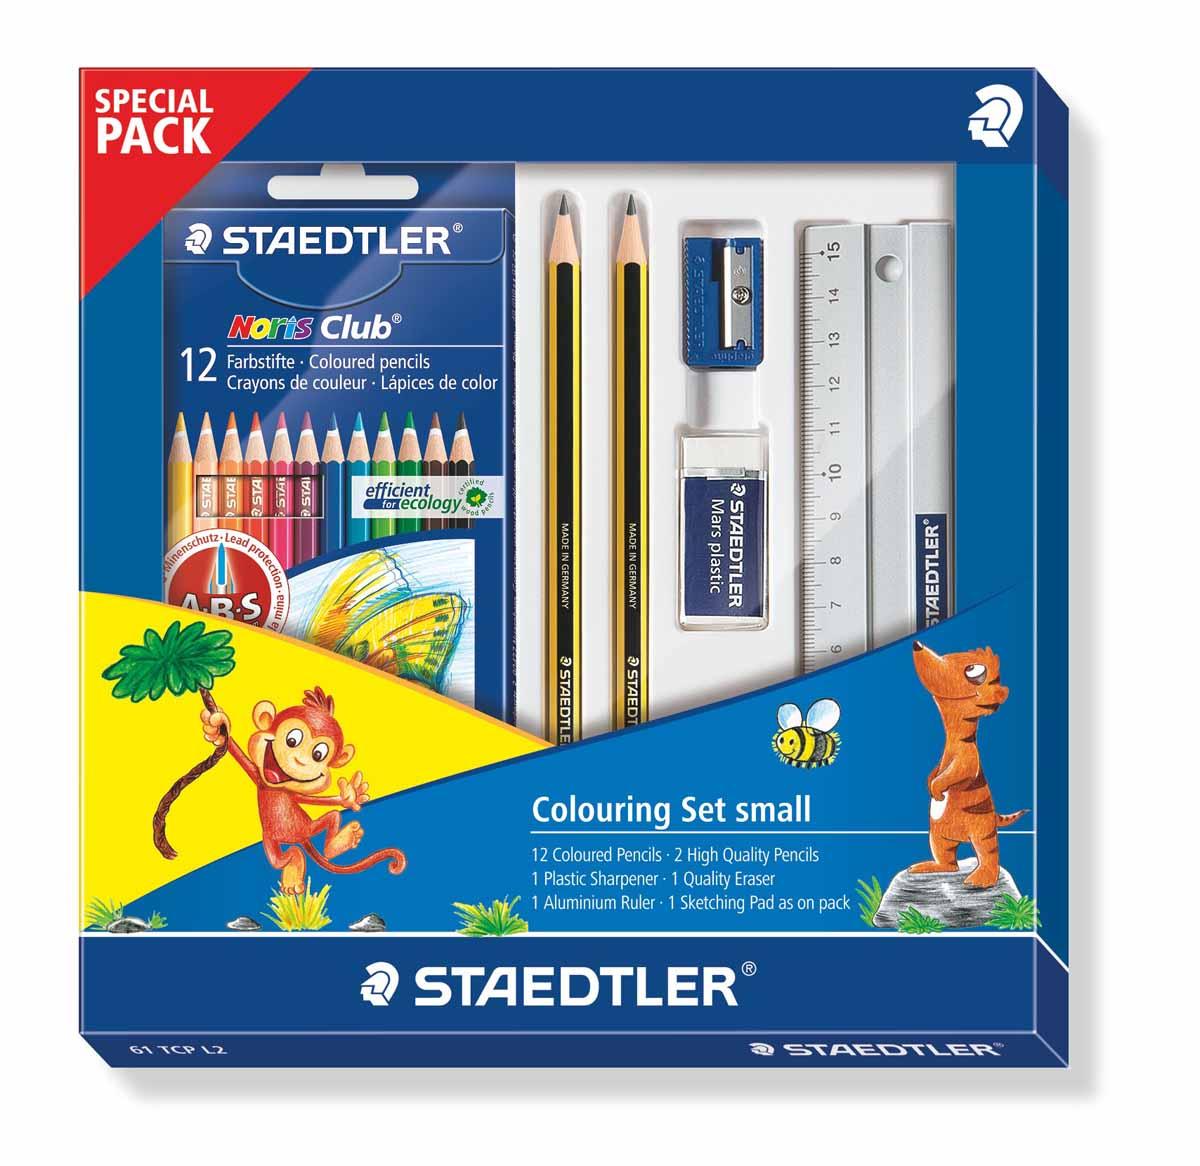 Staedtler Набор для рисования 61TCPL272523WDНовый набор для рисования от Staedtler в спец. упаковке. Включает 6 предметов: 1 шт.- цветные карандаши 144 NC 12; 2 шт. - чернографитовые карандаши 120-HB; 1 шт. - пластиковая точилка 510 20; 1шт. - ластик Mars; 1 шт. - алюминевая линейка.